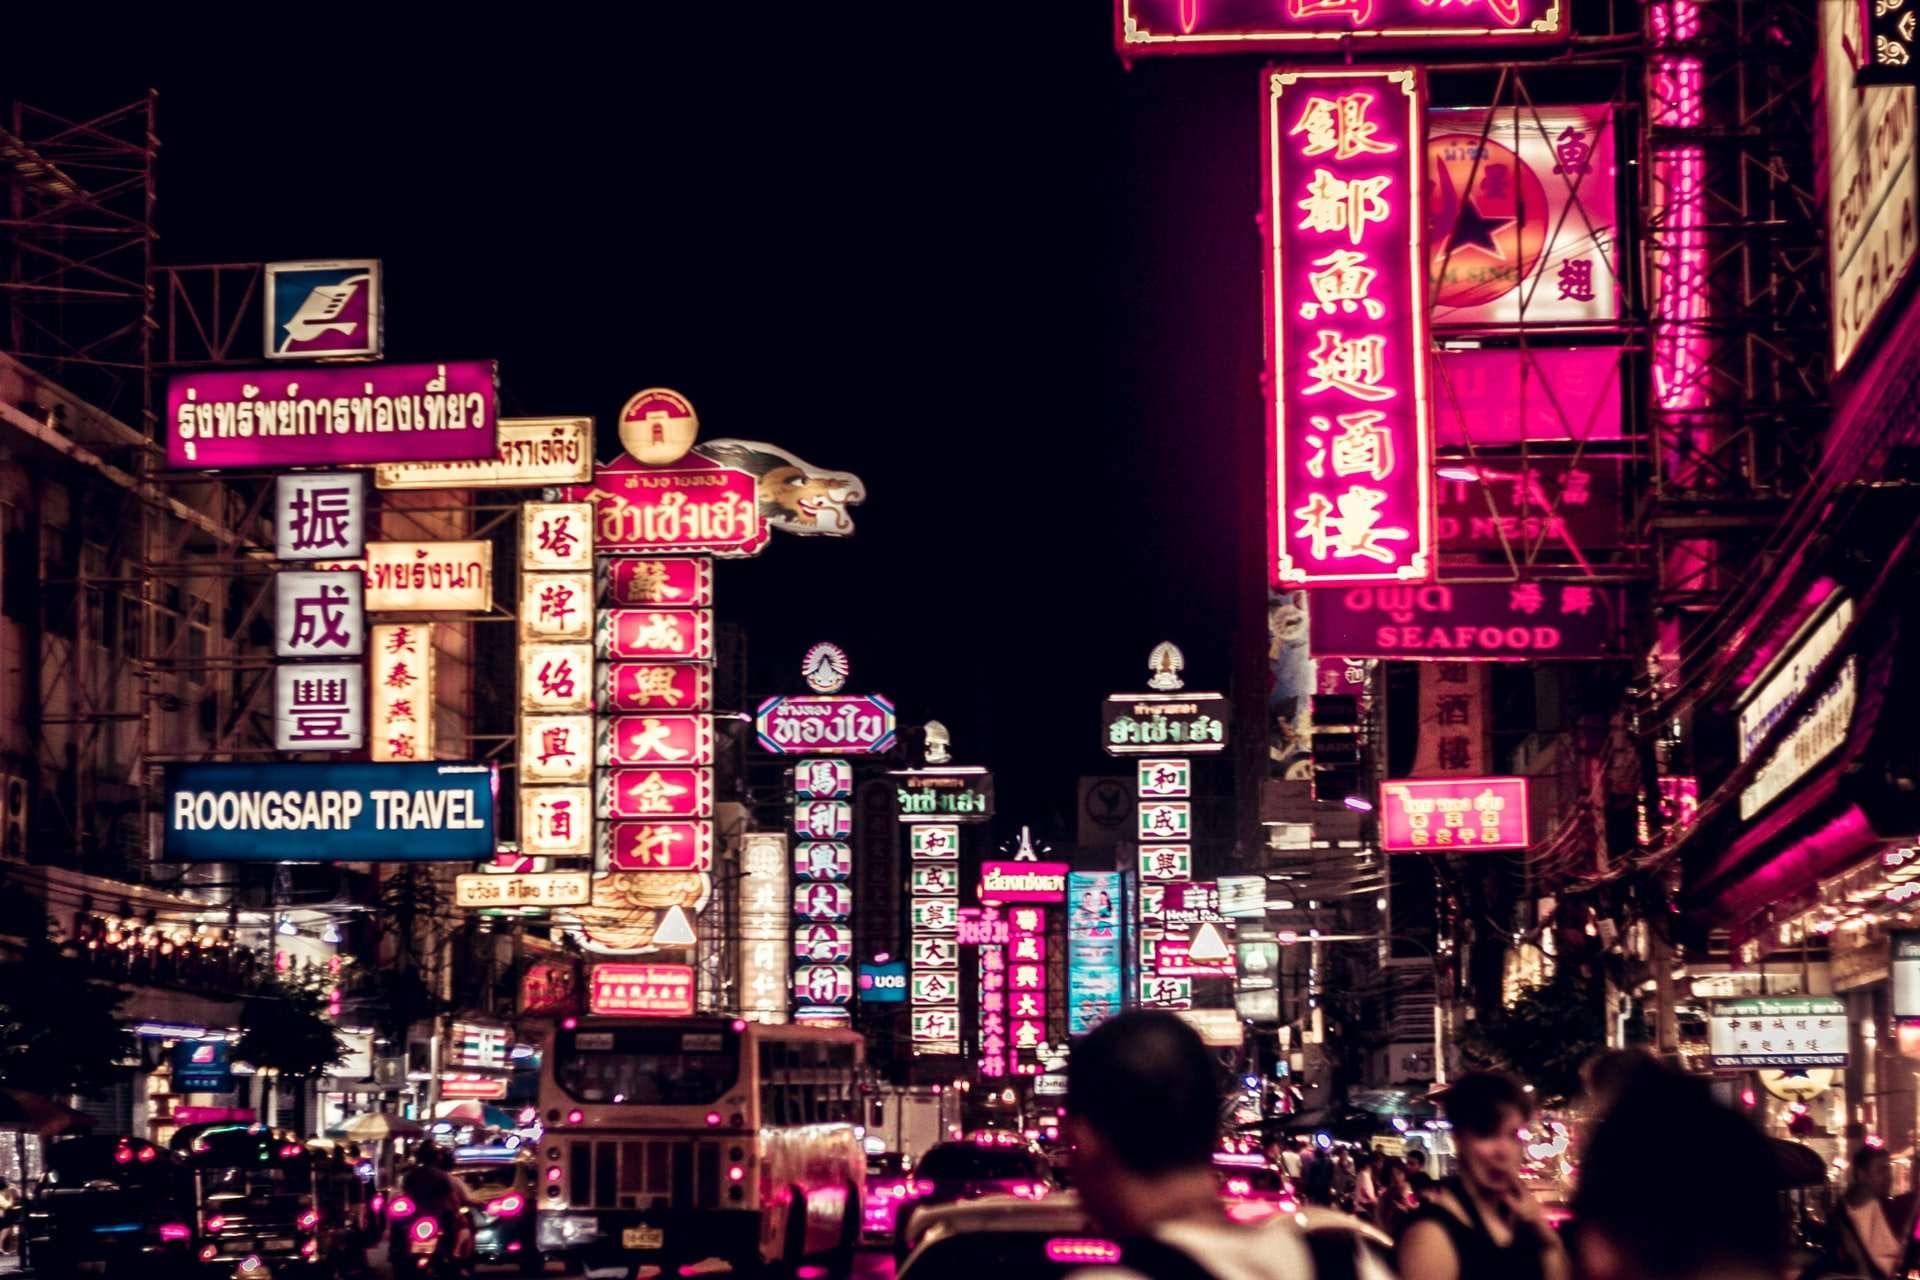 Chinese city snapshot